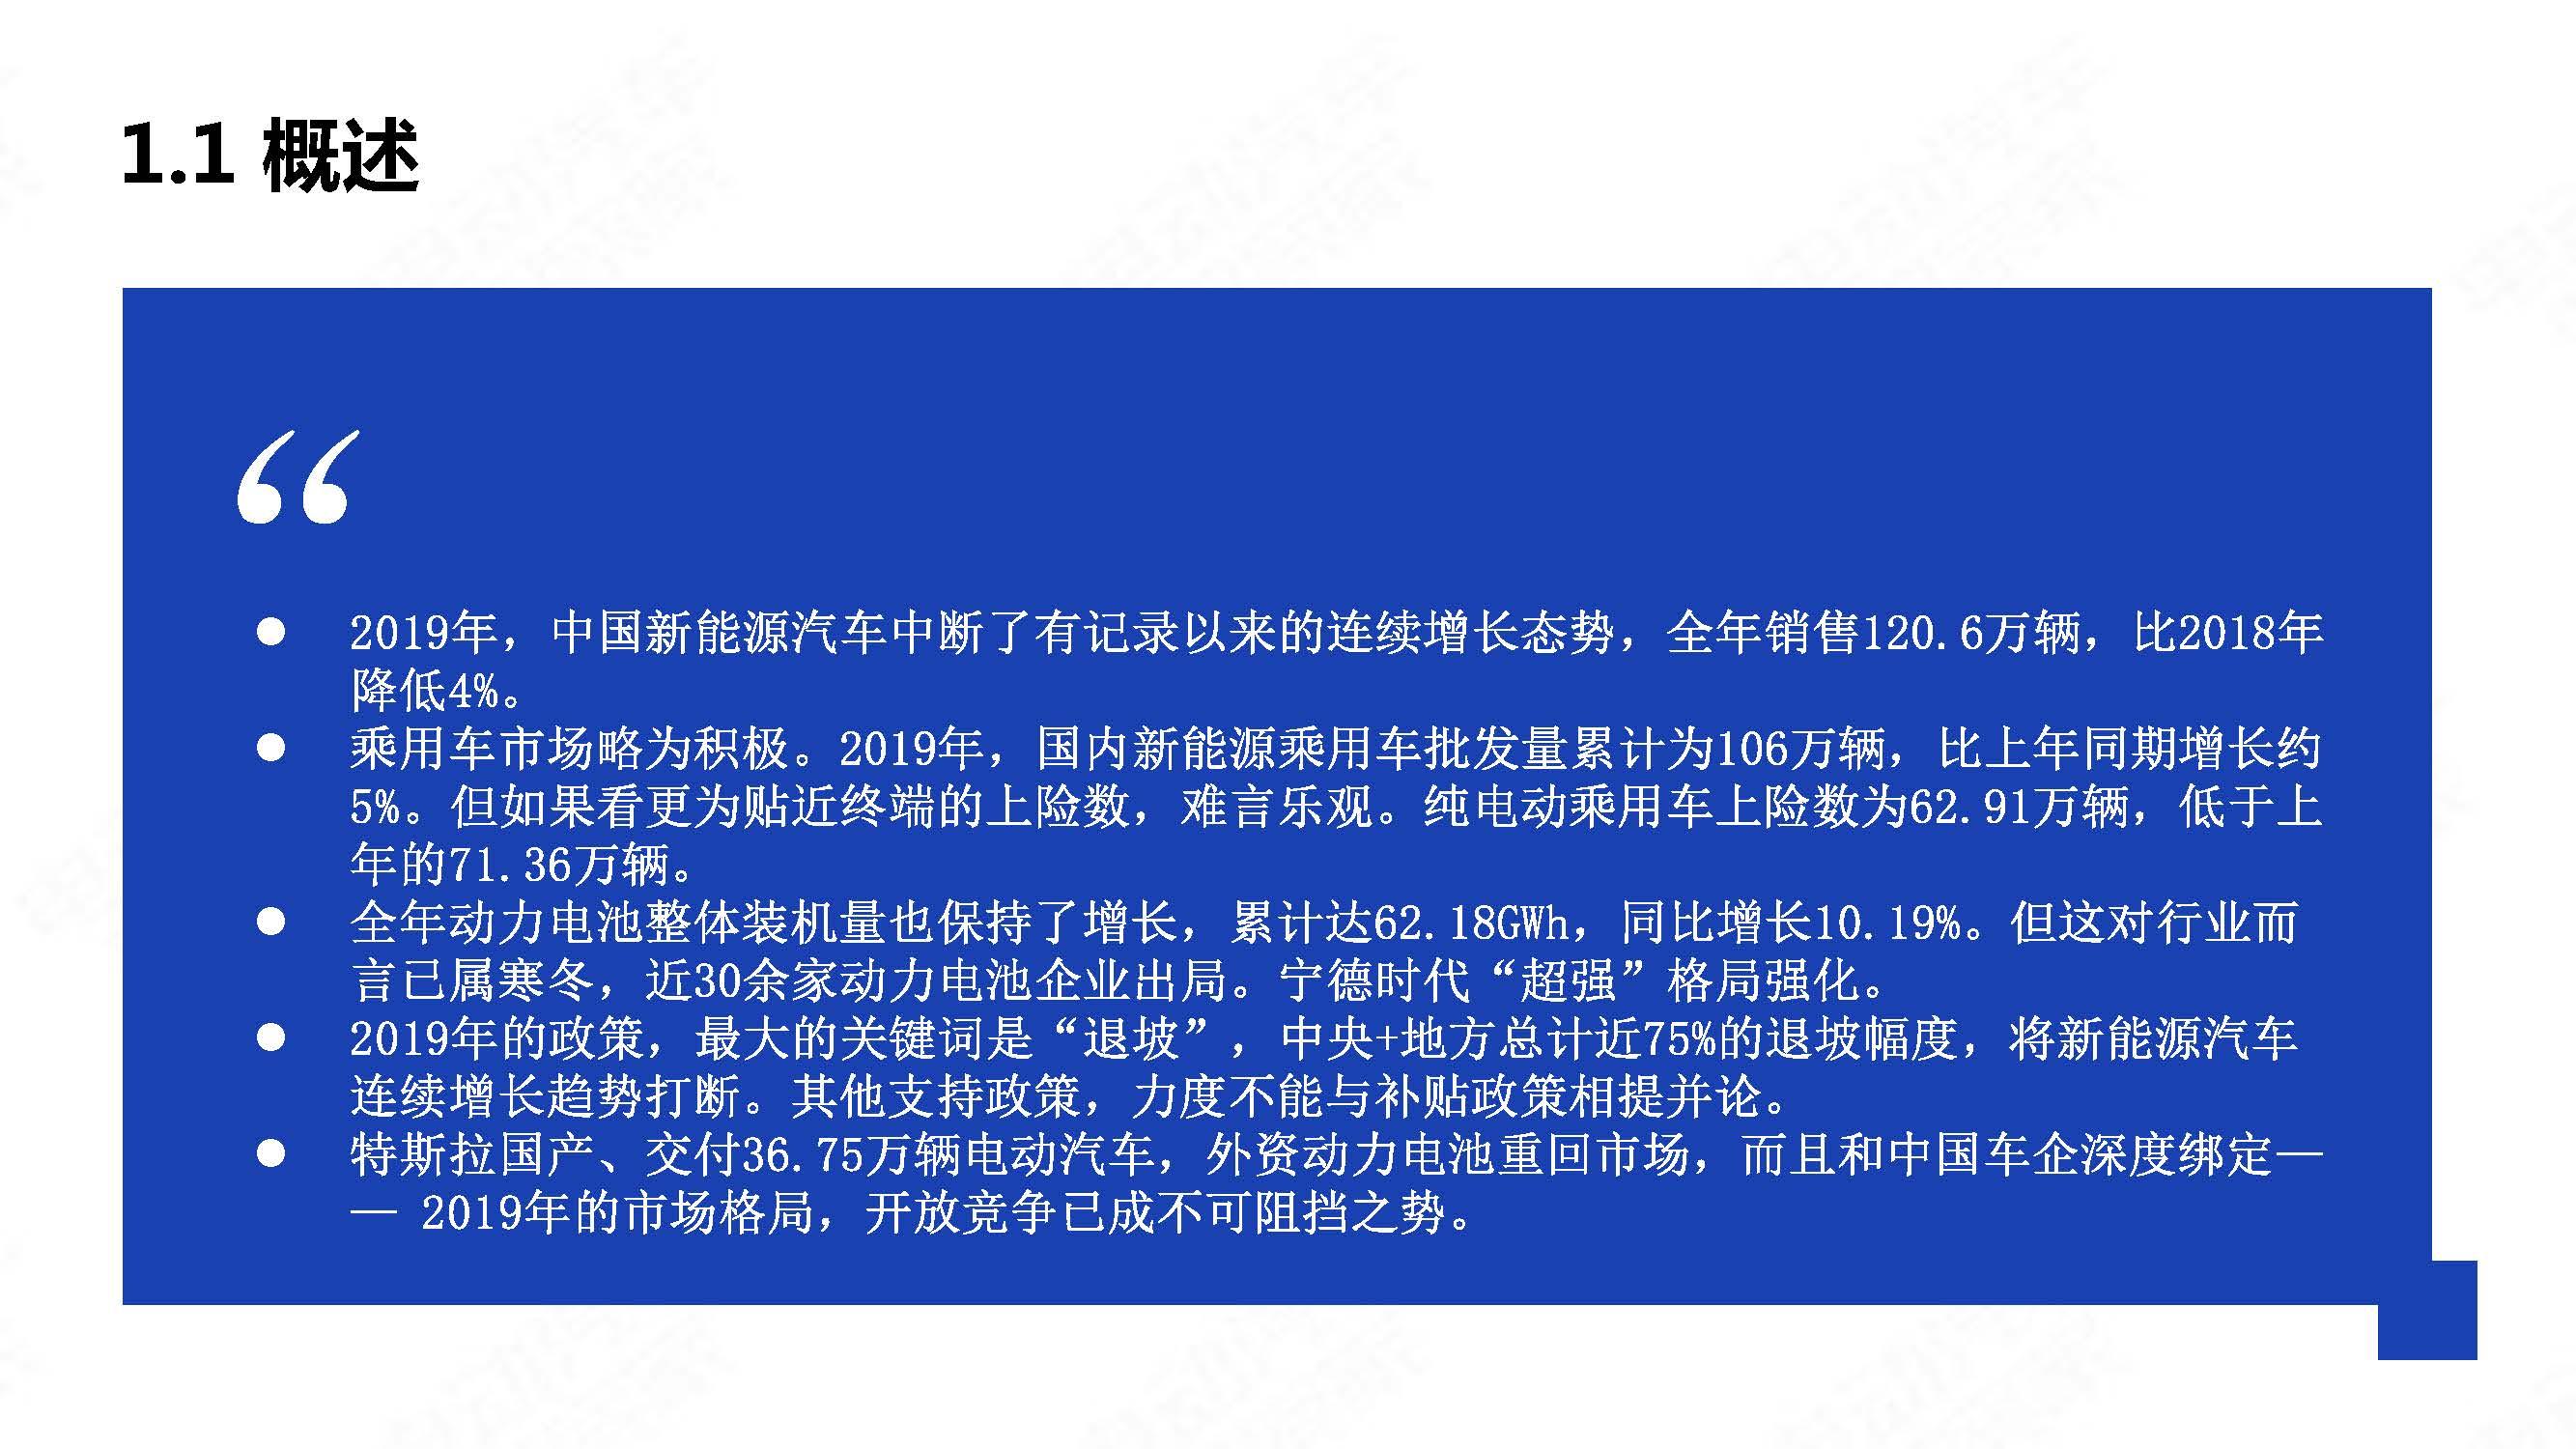 中国新能源汽车产业年度观察2020 简版_页面_04